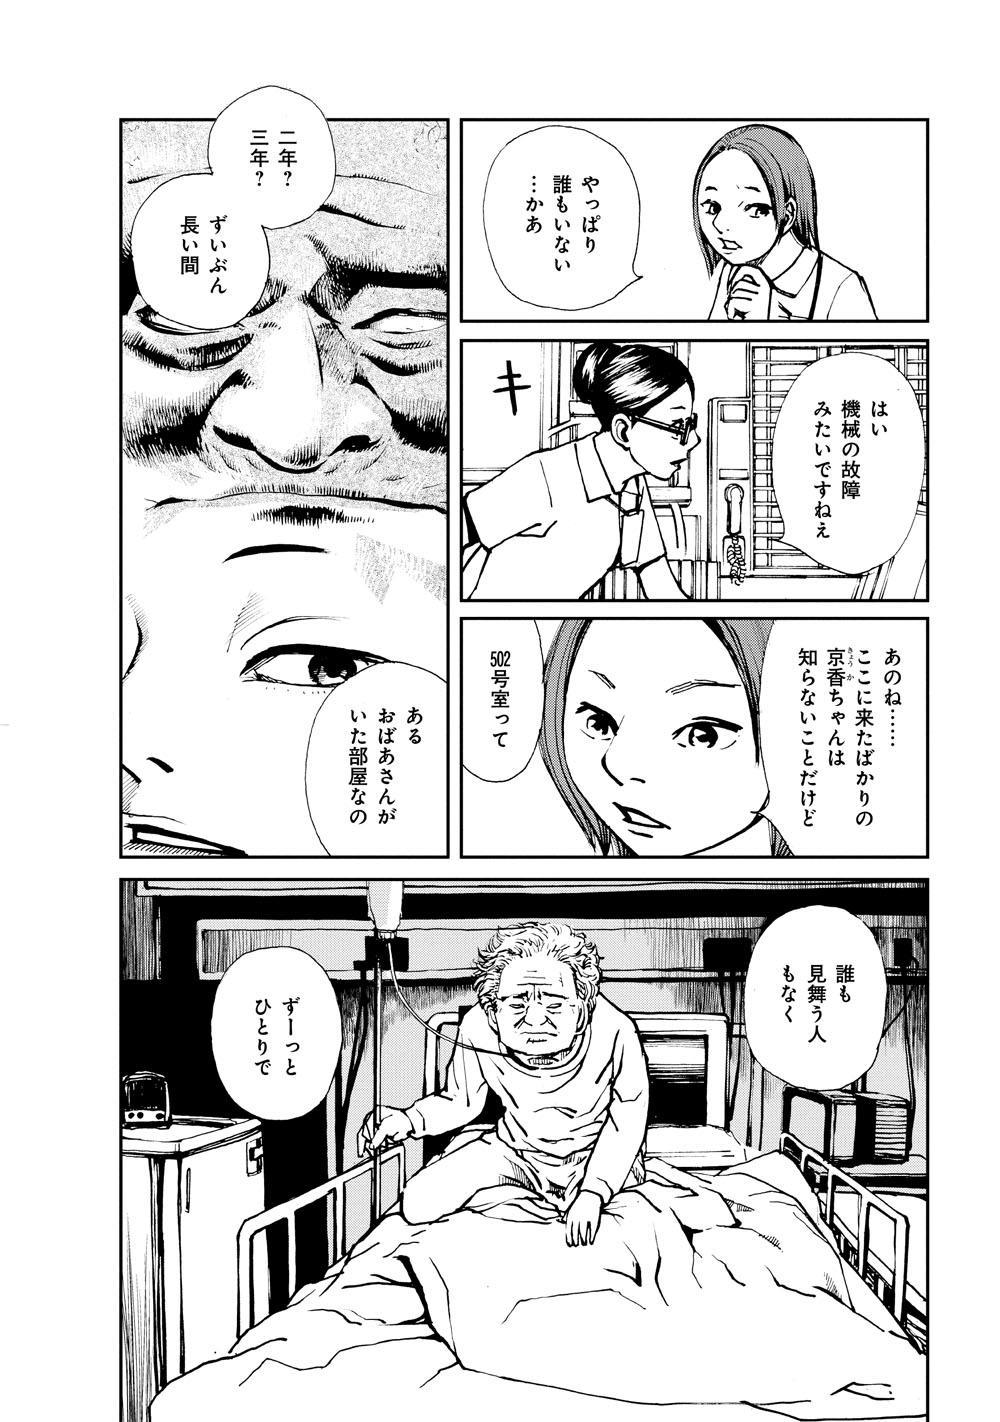 テレビ版_ほん怖_234.jpg